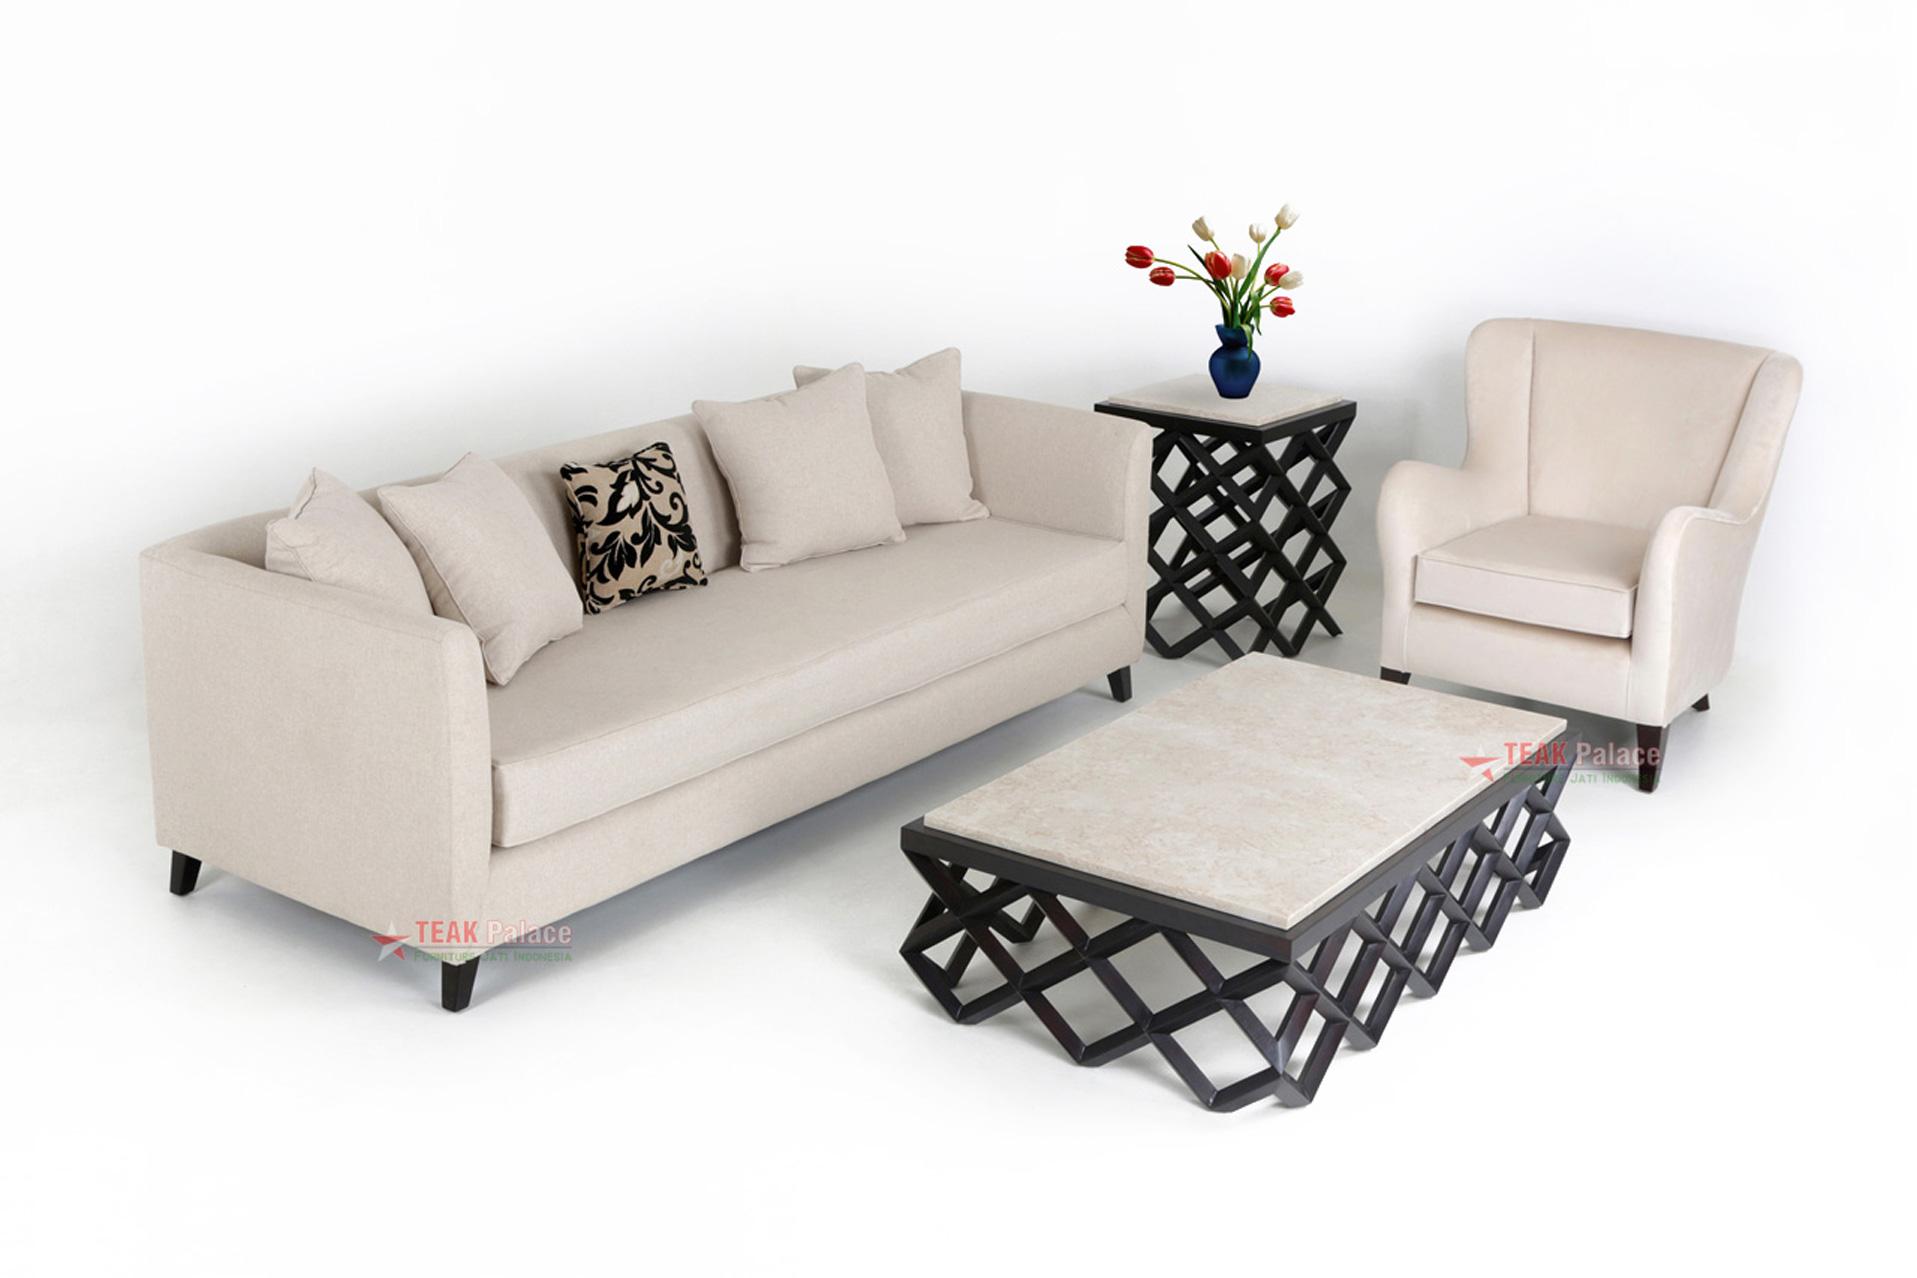 7 Cara Memilih Sofa Kursi Tamu Minimalis Yang Baik Teak Palace